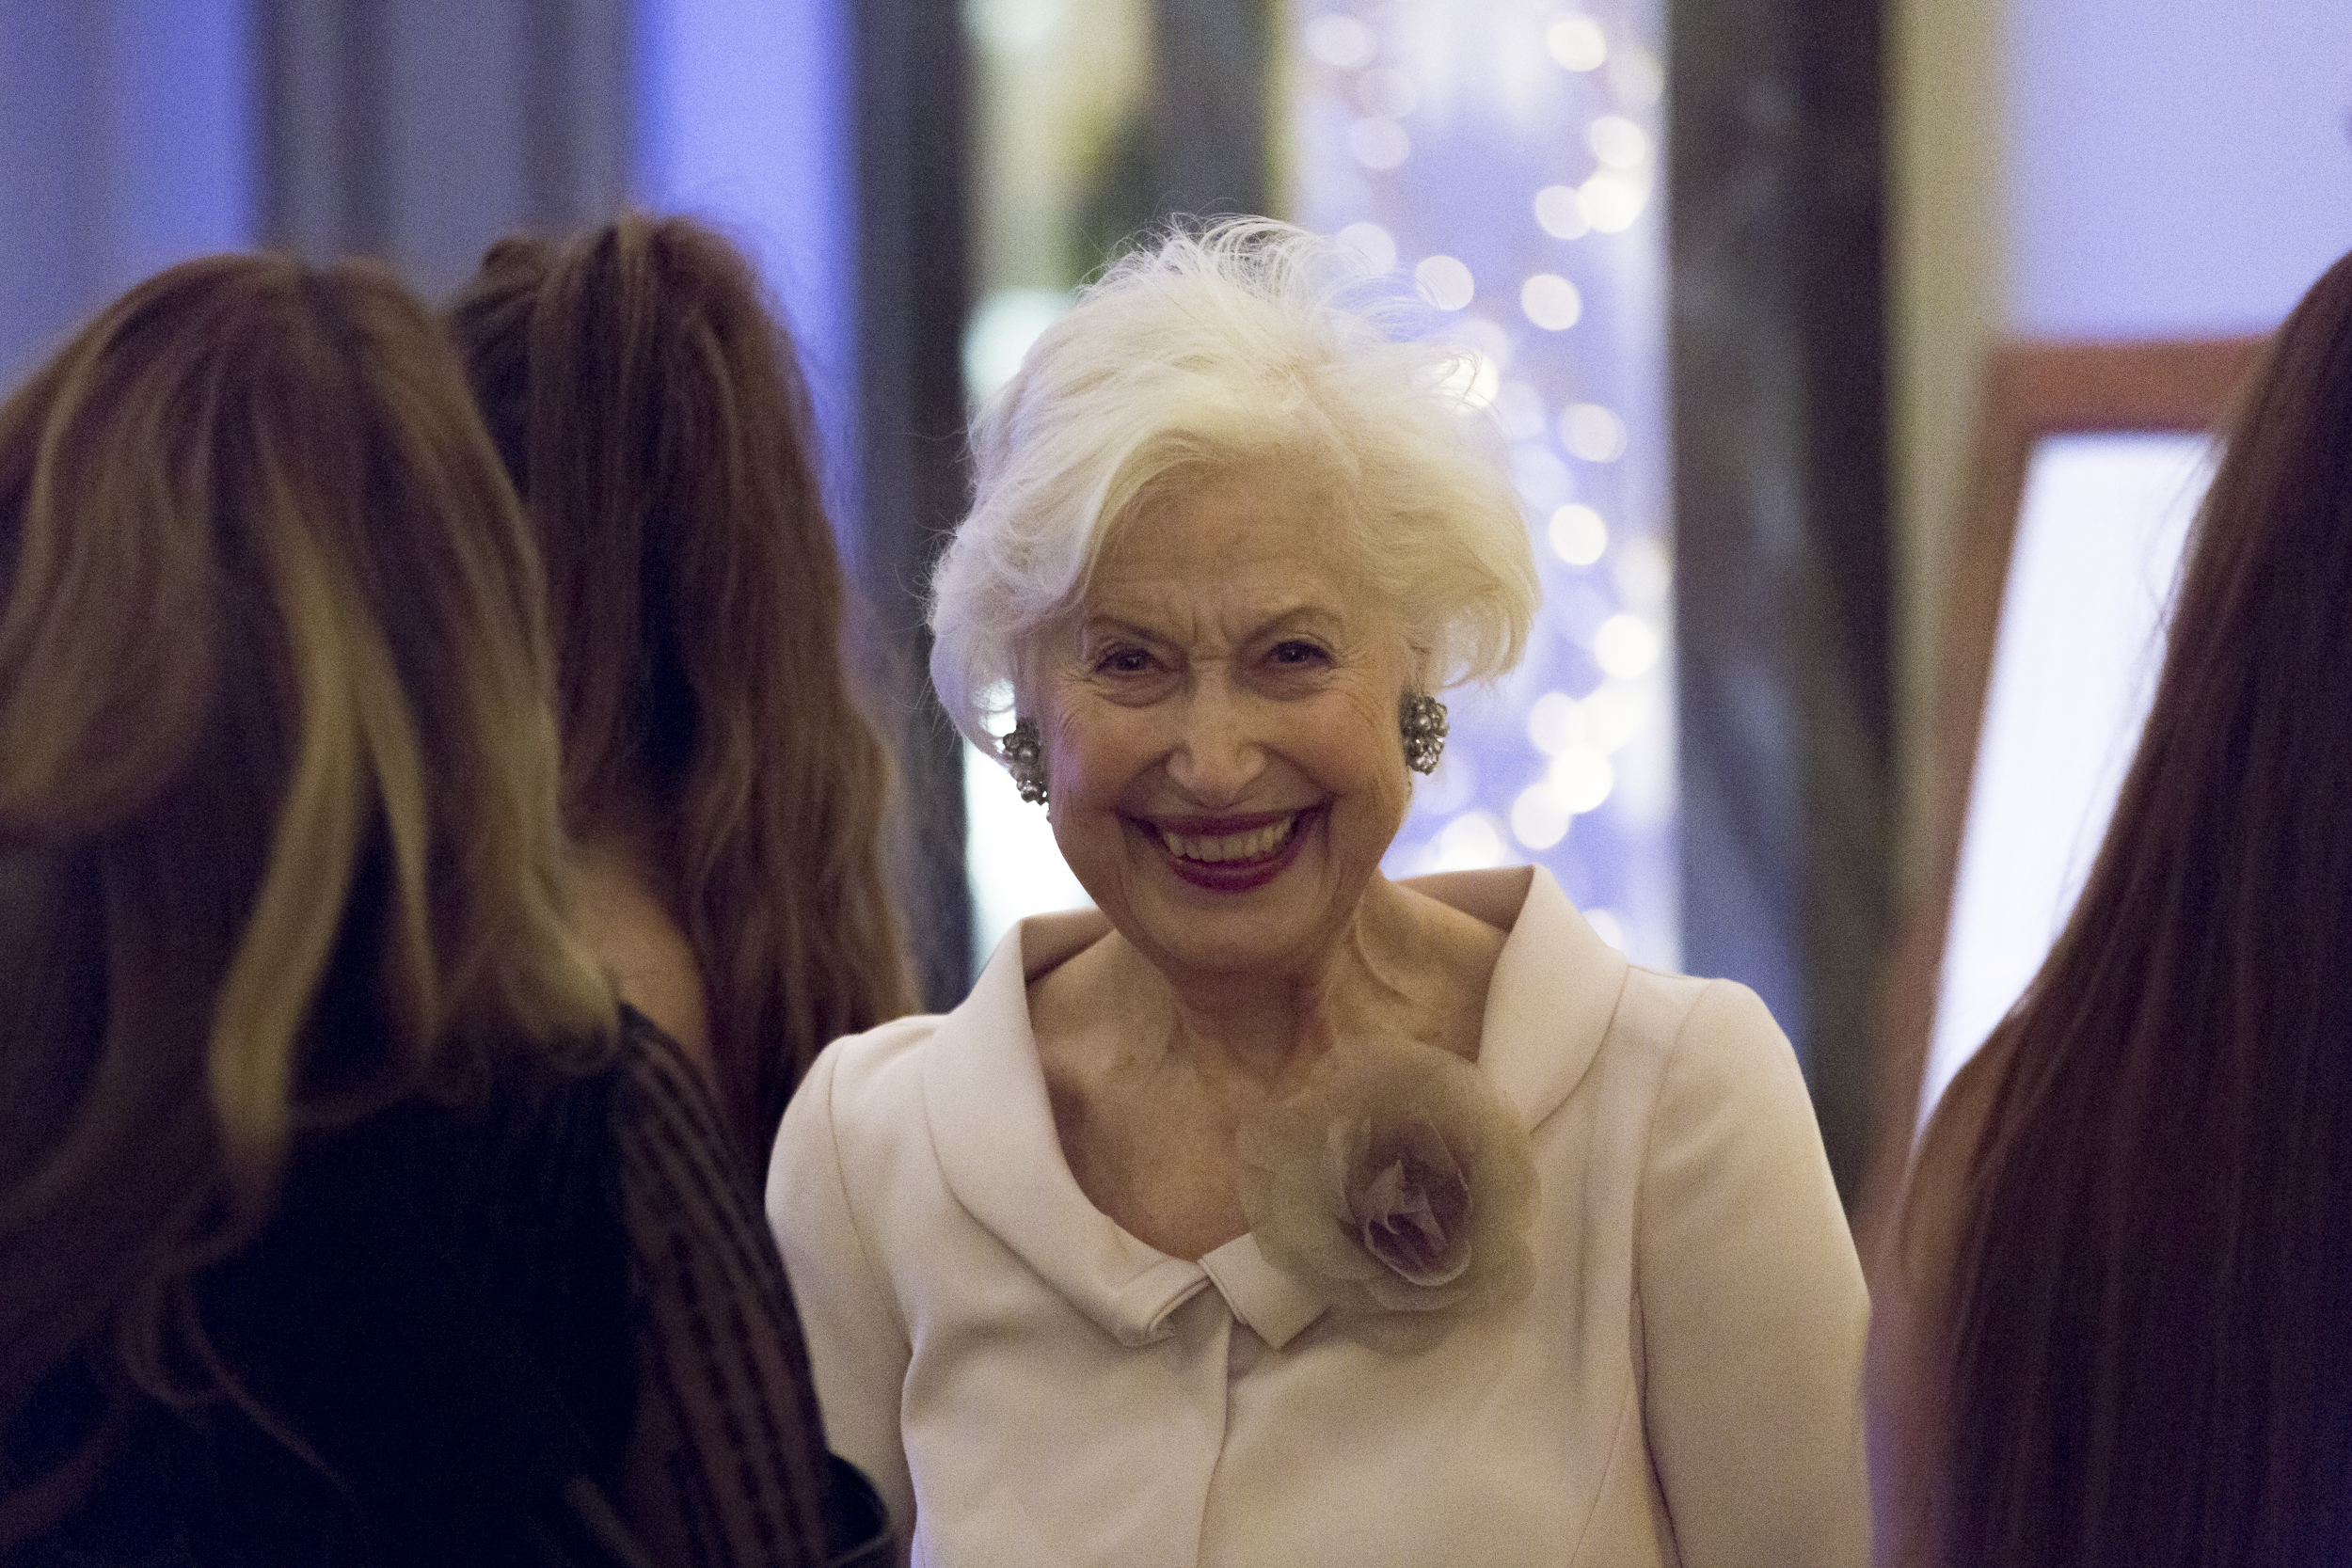 Caroline at The Achiever Awards, 2017